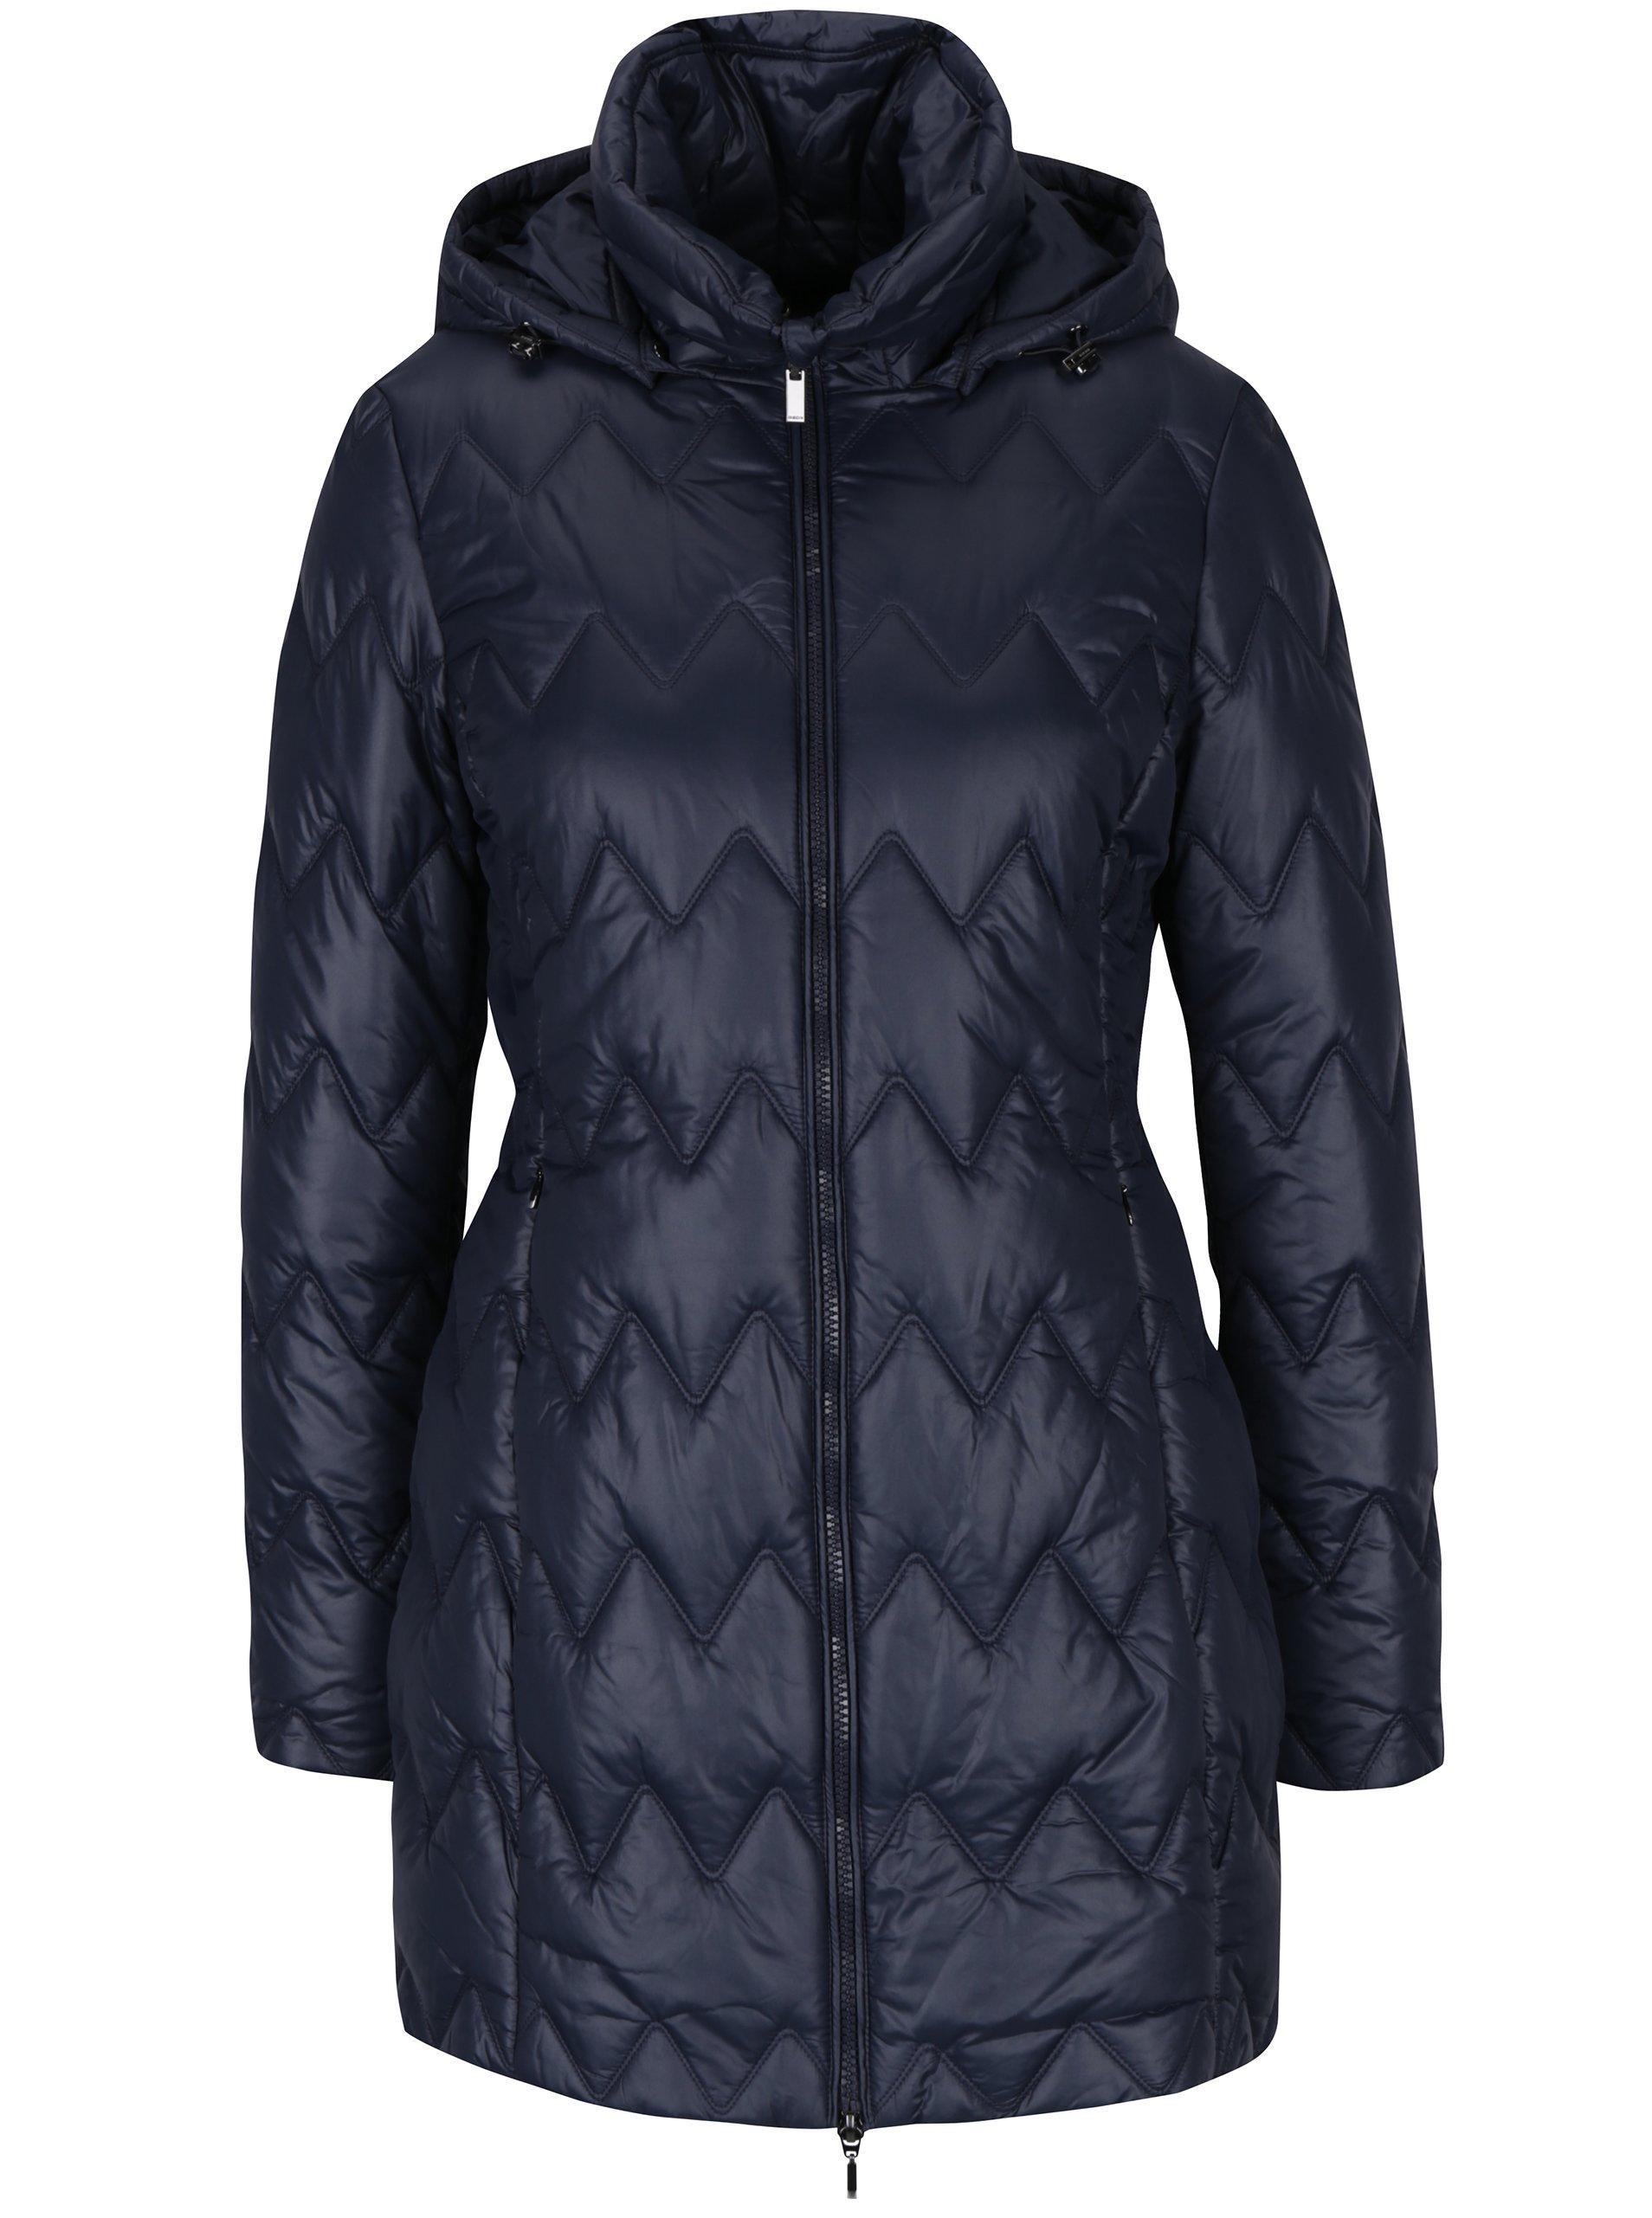 Tmavě modrý dámský prošívaný funkční kabát s kapucí Geox